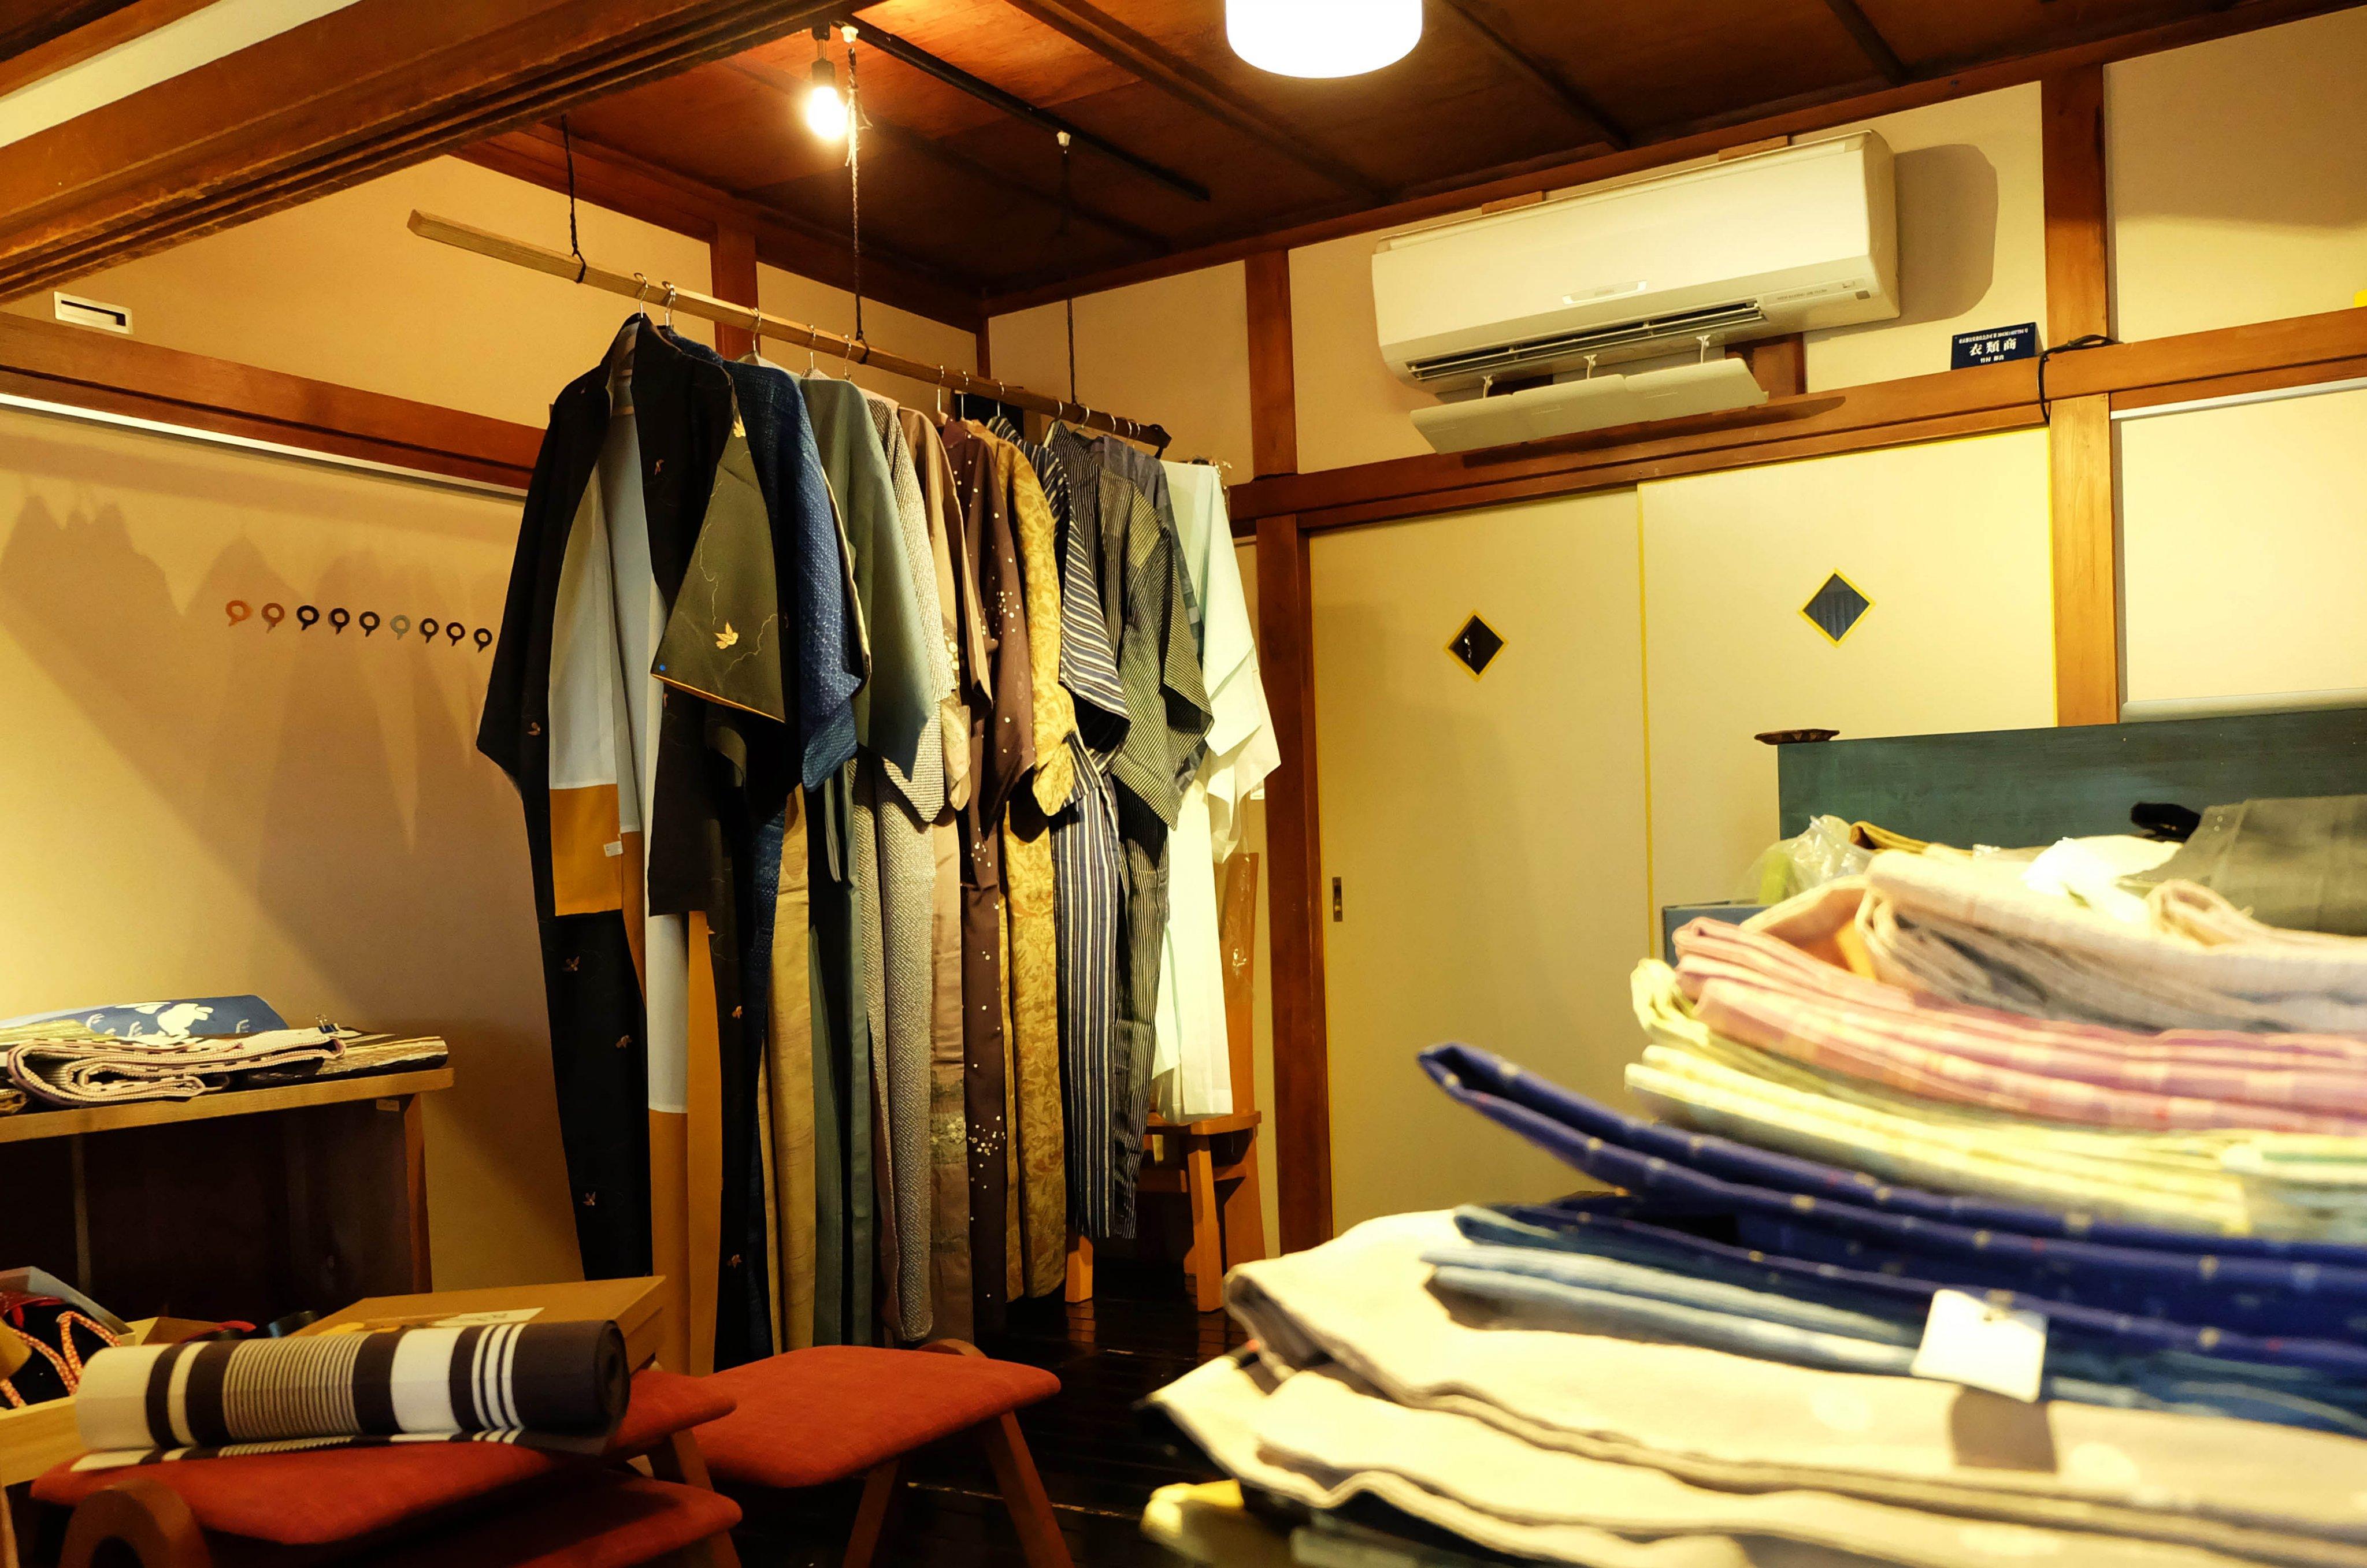 【お出かけルポ】 第1話:素人なのに和裁してみた 。かわいくてお手頃な古着浴衣を大人買い …和裁に挑戦!